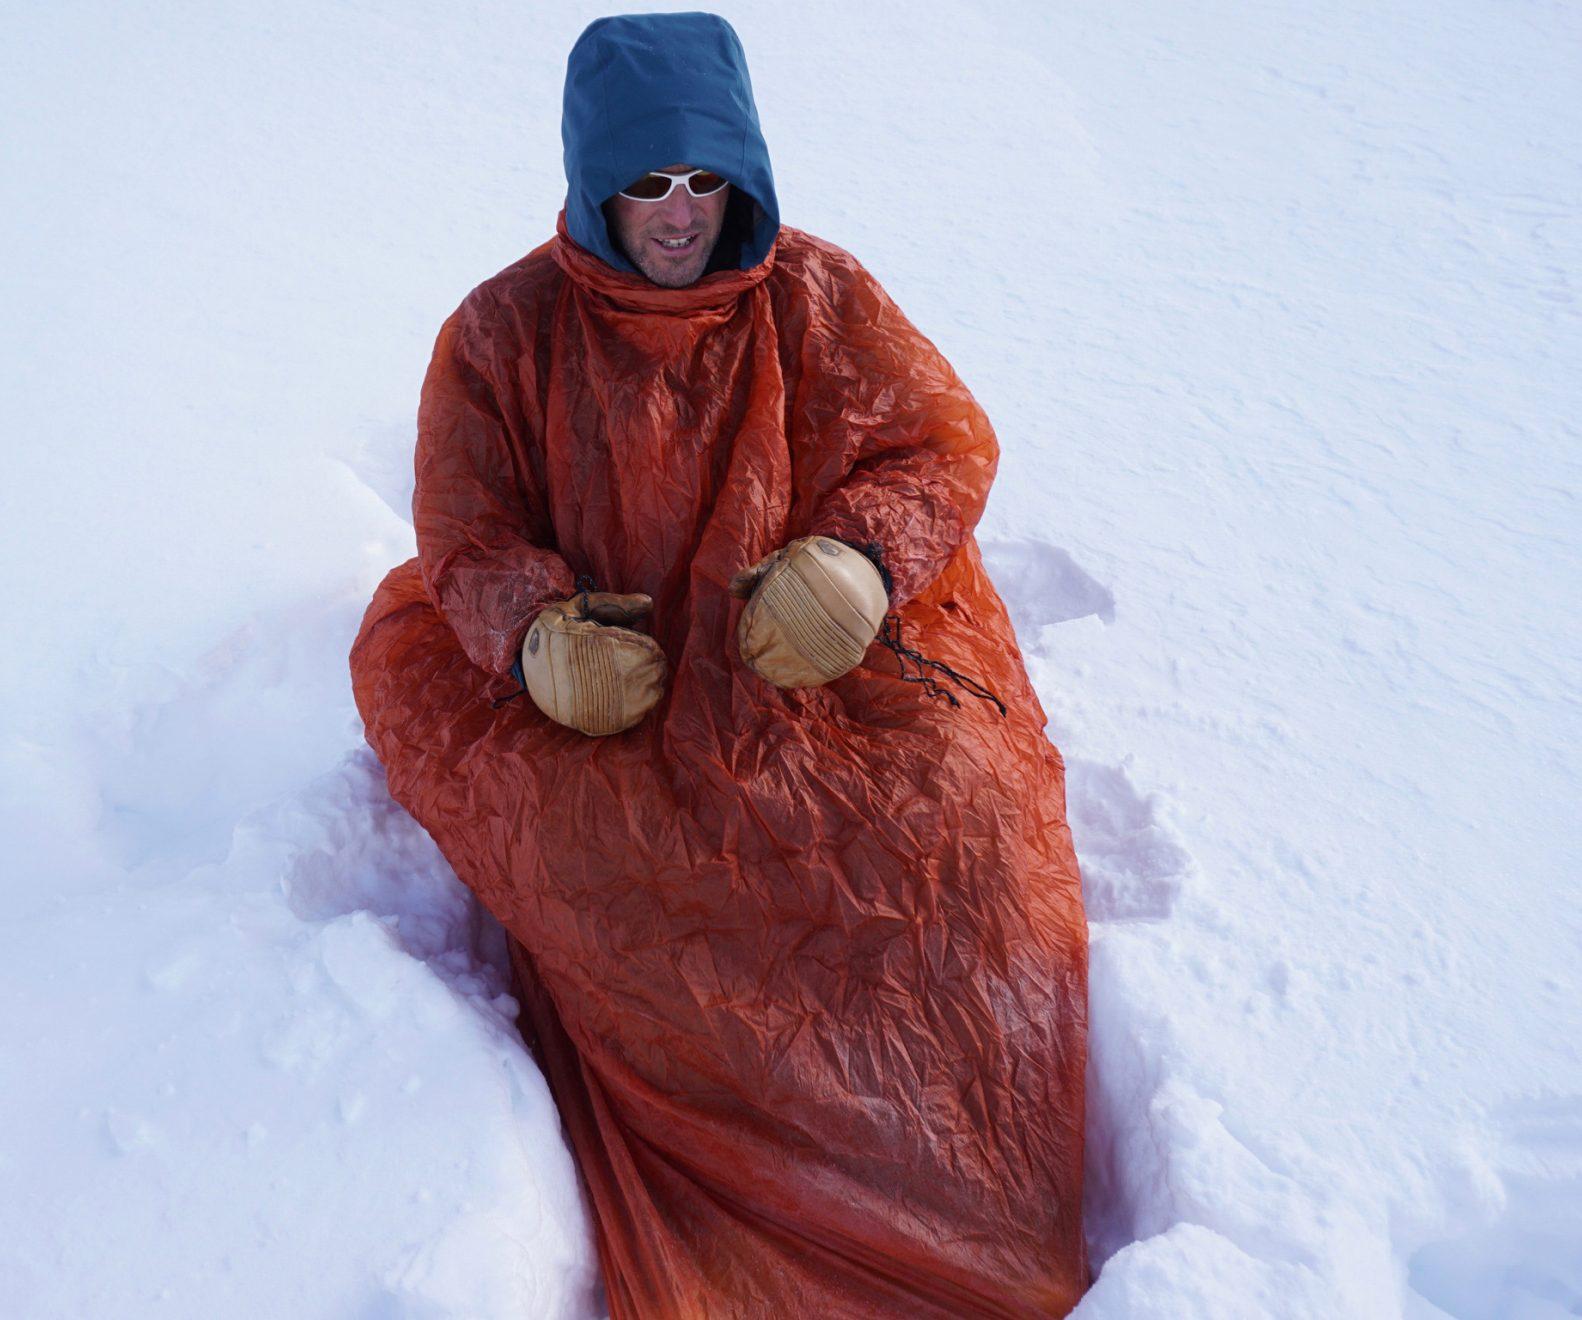 """EXPED """"Bivybag Duo UL"""", Abb. 4: Egal ob in einer Schneehöhle oder im Freien, Kopf und Arme können wahlweise aus dem Biwaksack herausschauen oder """"eingefahren"""" werden."""